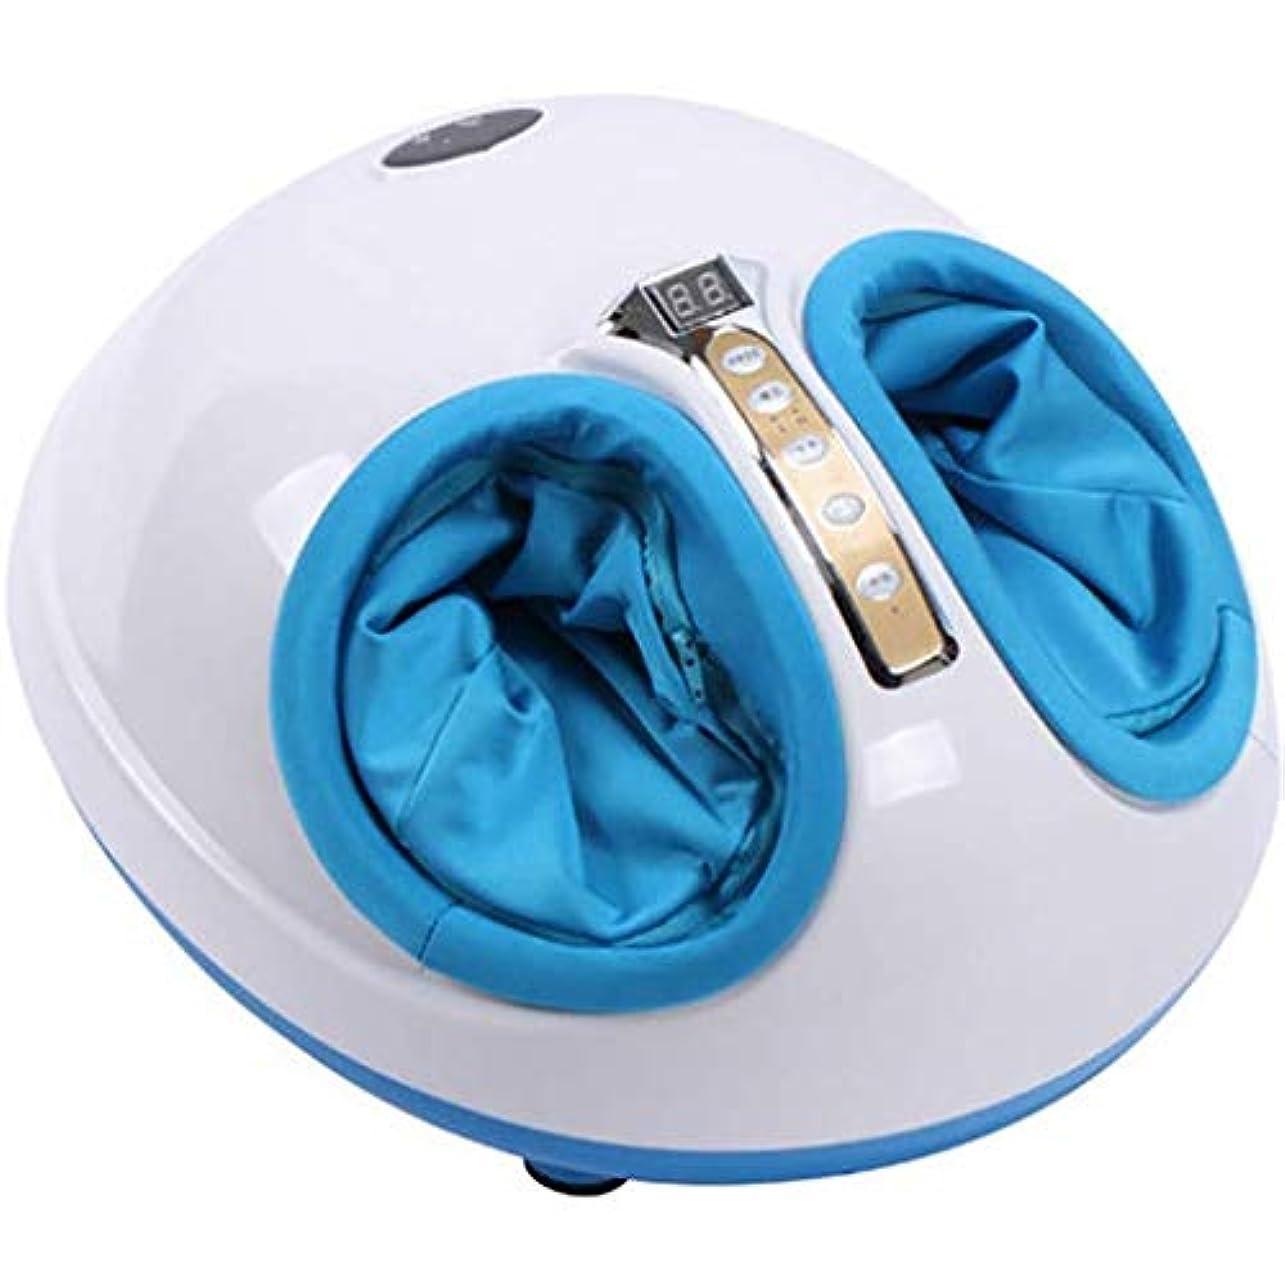 手を差し伸べる頻繁にチェスフットマッサージャー、電気フットマッサージャー、赤外線/暖房/混練/空気圧/リラクゼーションマッサージ機器 (Color : 青, Size : One size)